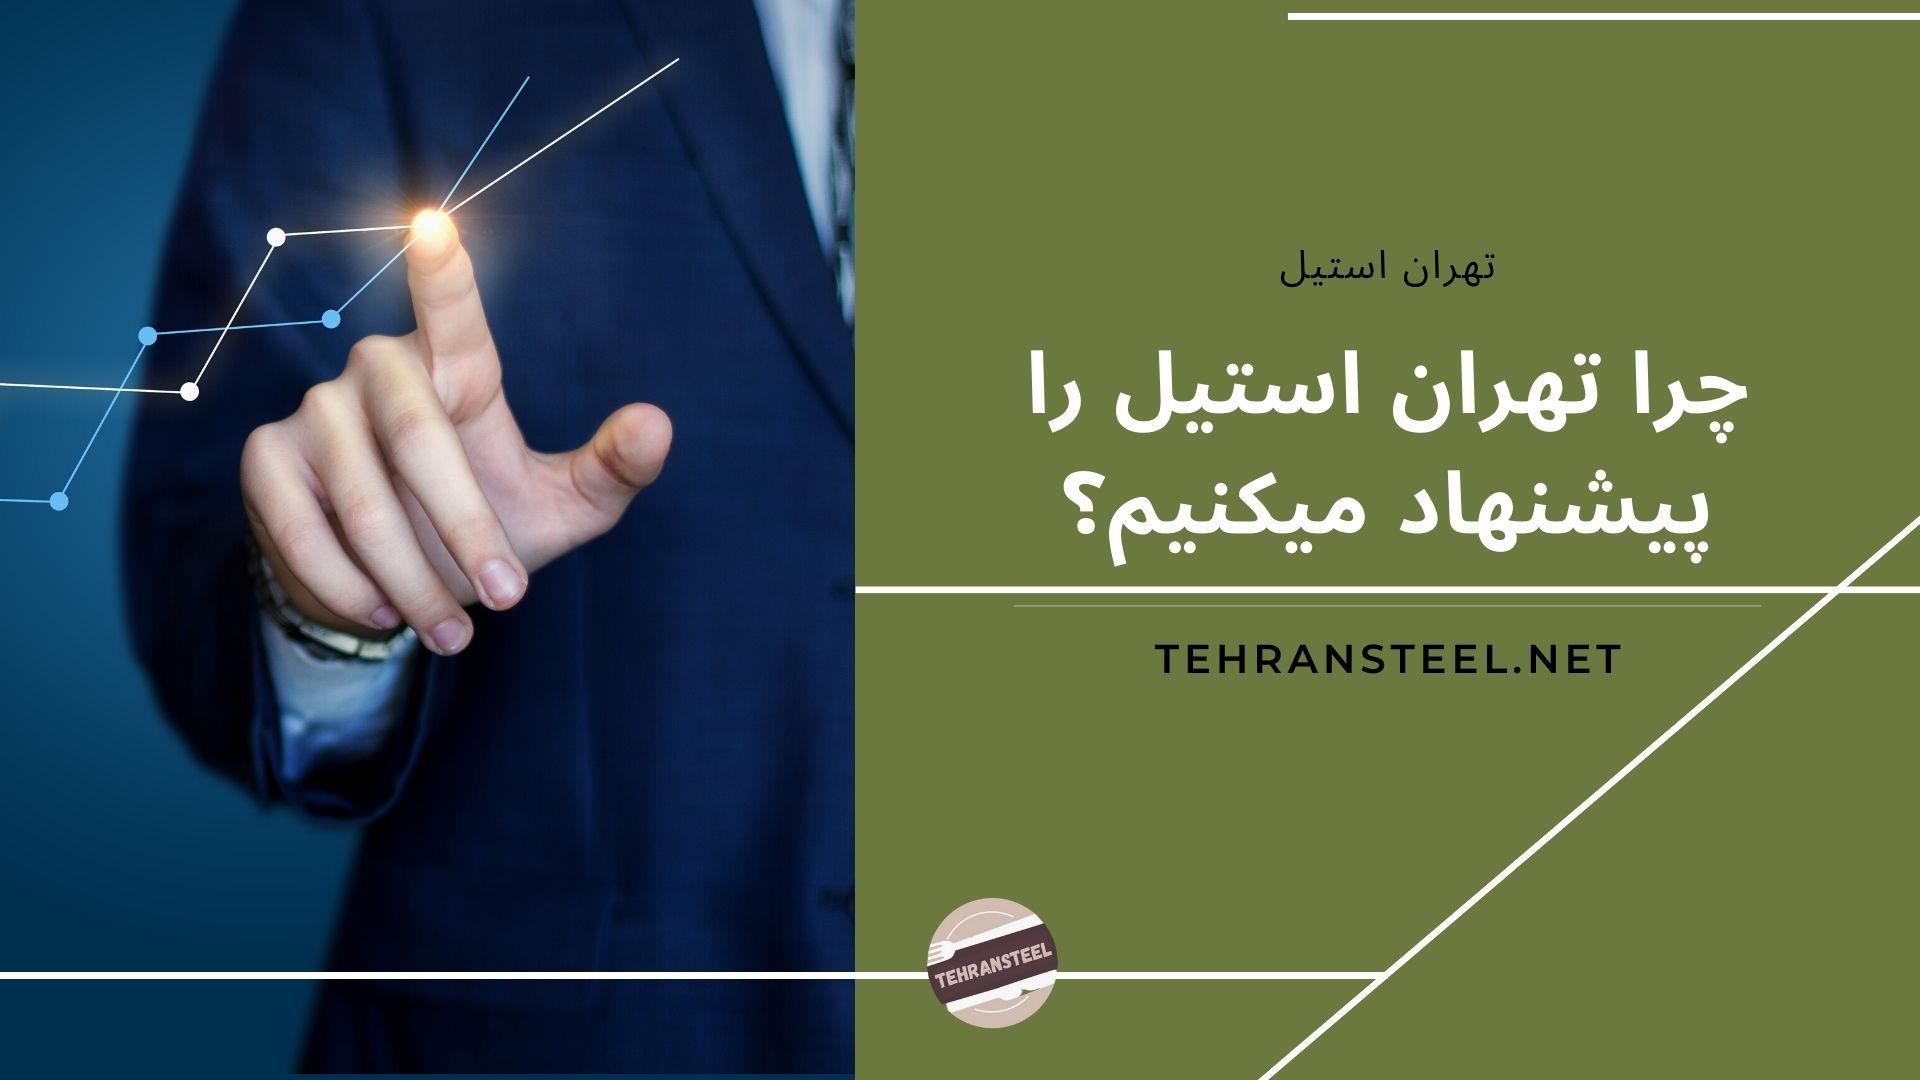 چرا تهران استیل را پیشنهاد میکنیم؟